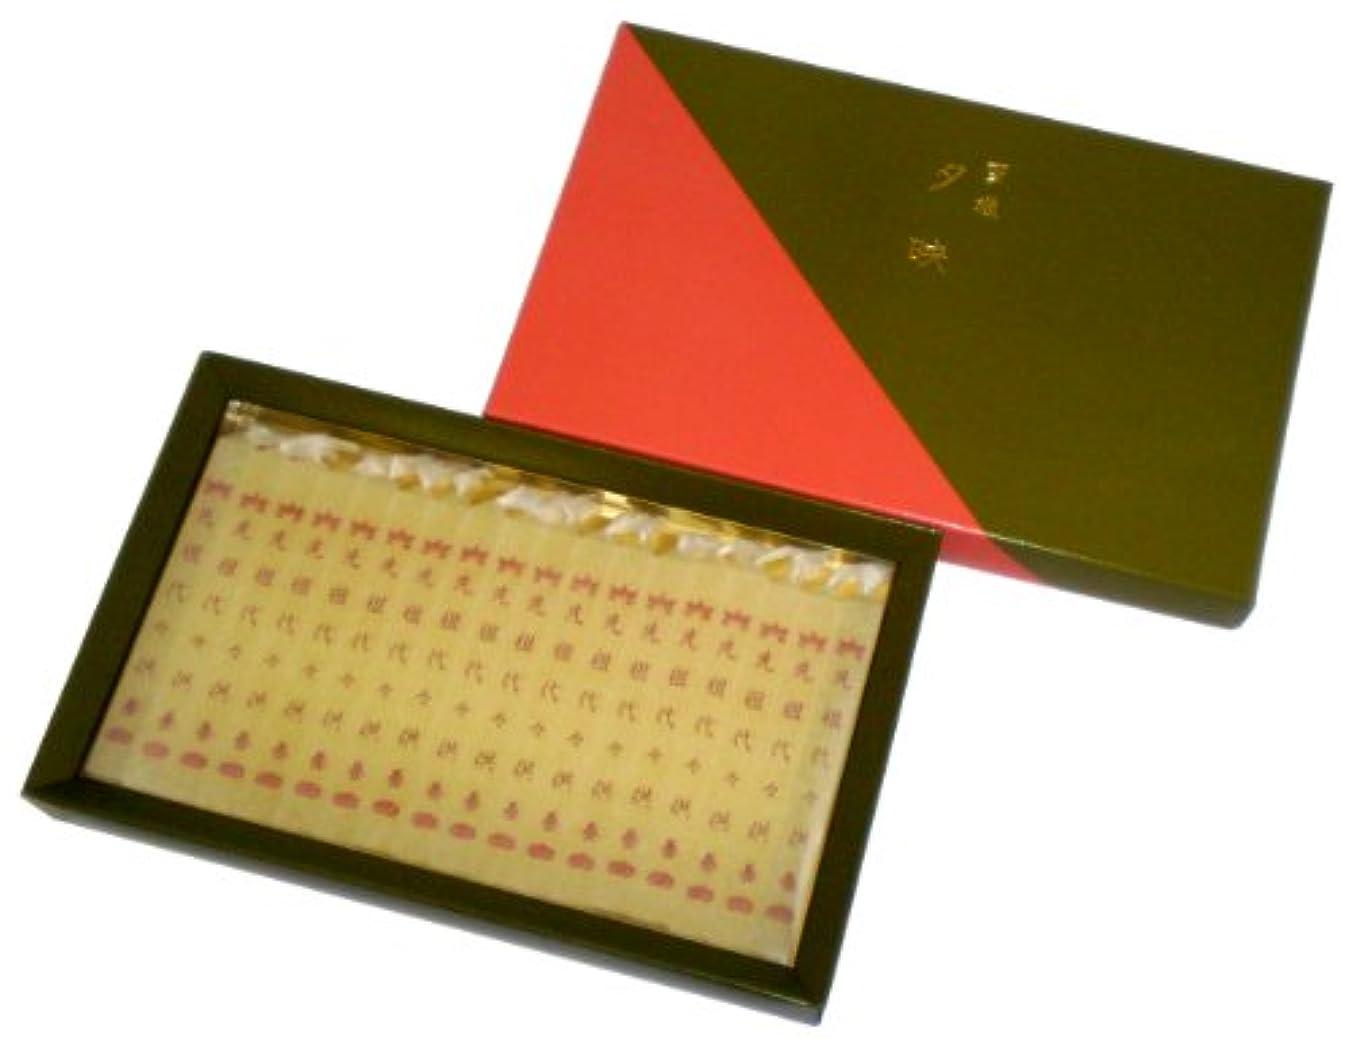 必要性偉業スチール鳥居のローソク 蜜蝋夕映 先祖 18本入 紙箱 #100753